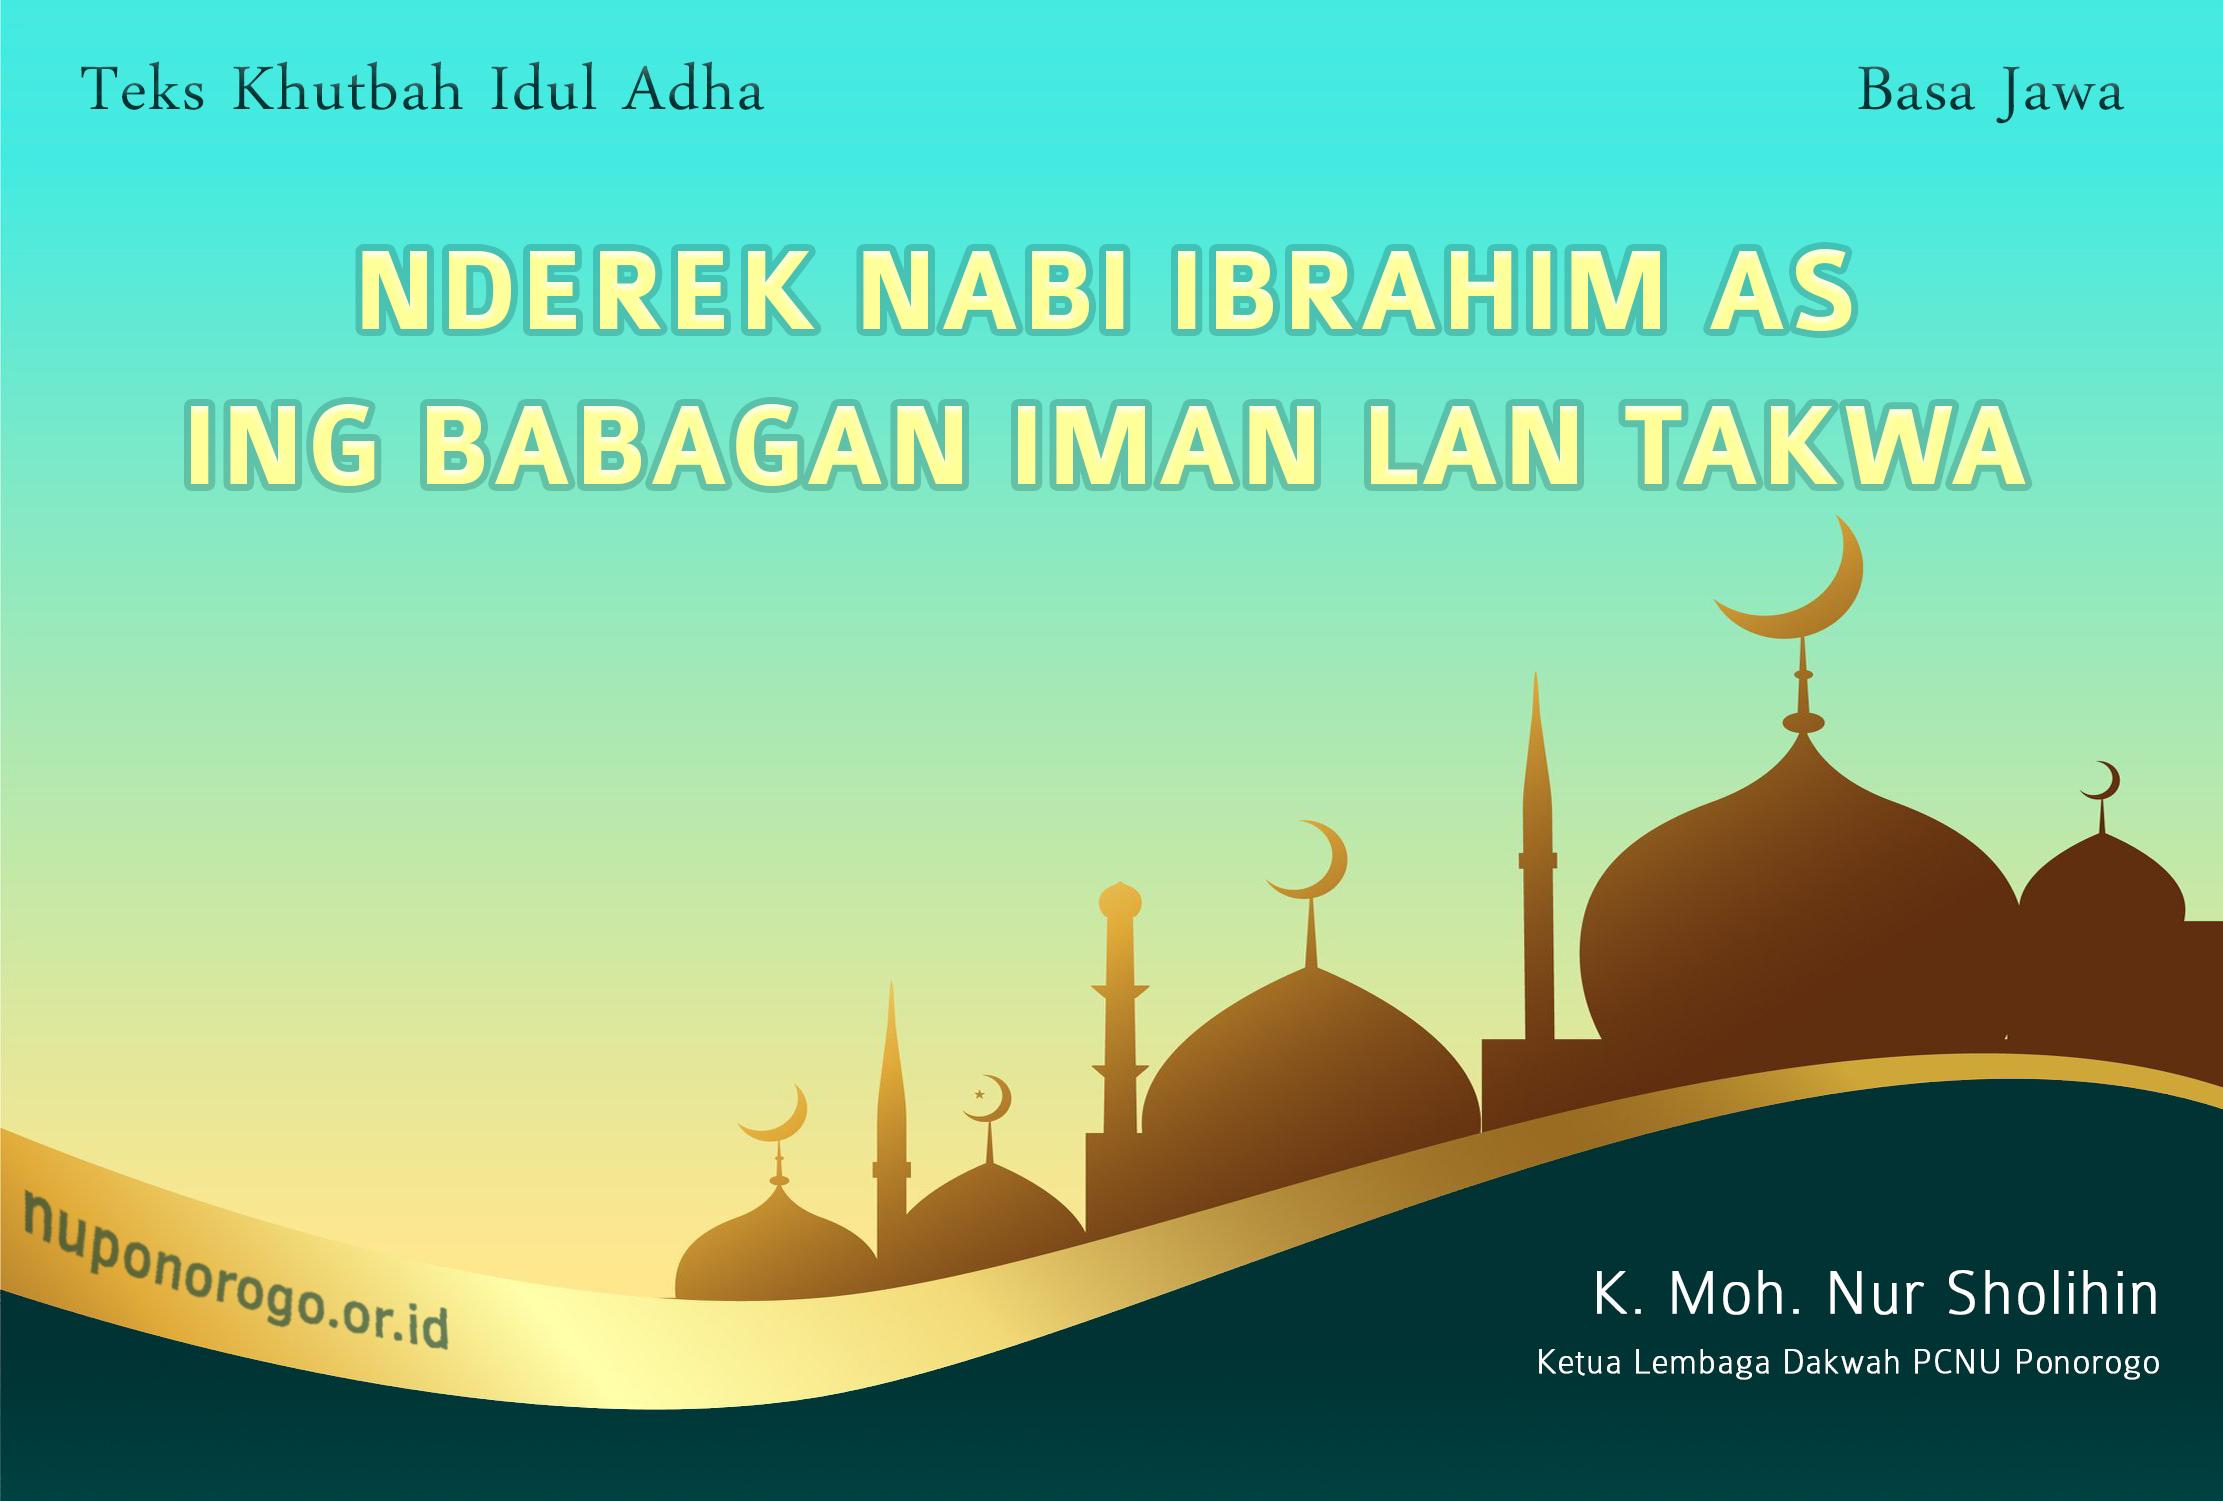 Khutbah Idul Adha 1442 H NU Basa Jawa - Nderek Nabi Ibrahim AS ing Babagan Iman lan Takwa